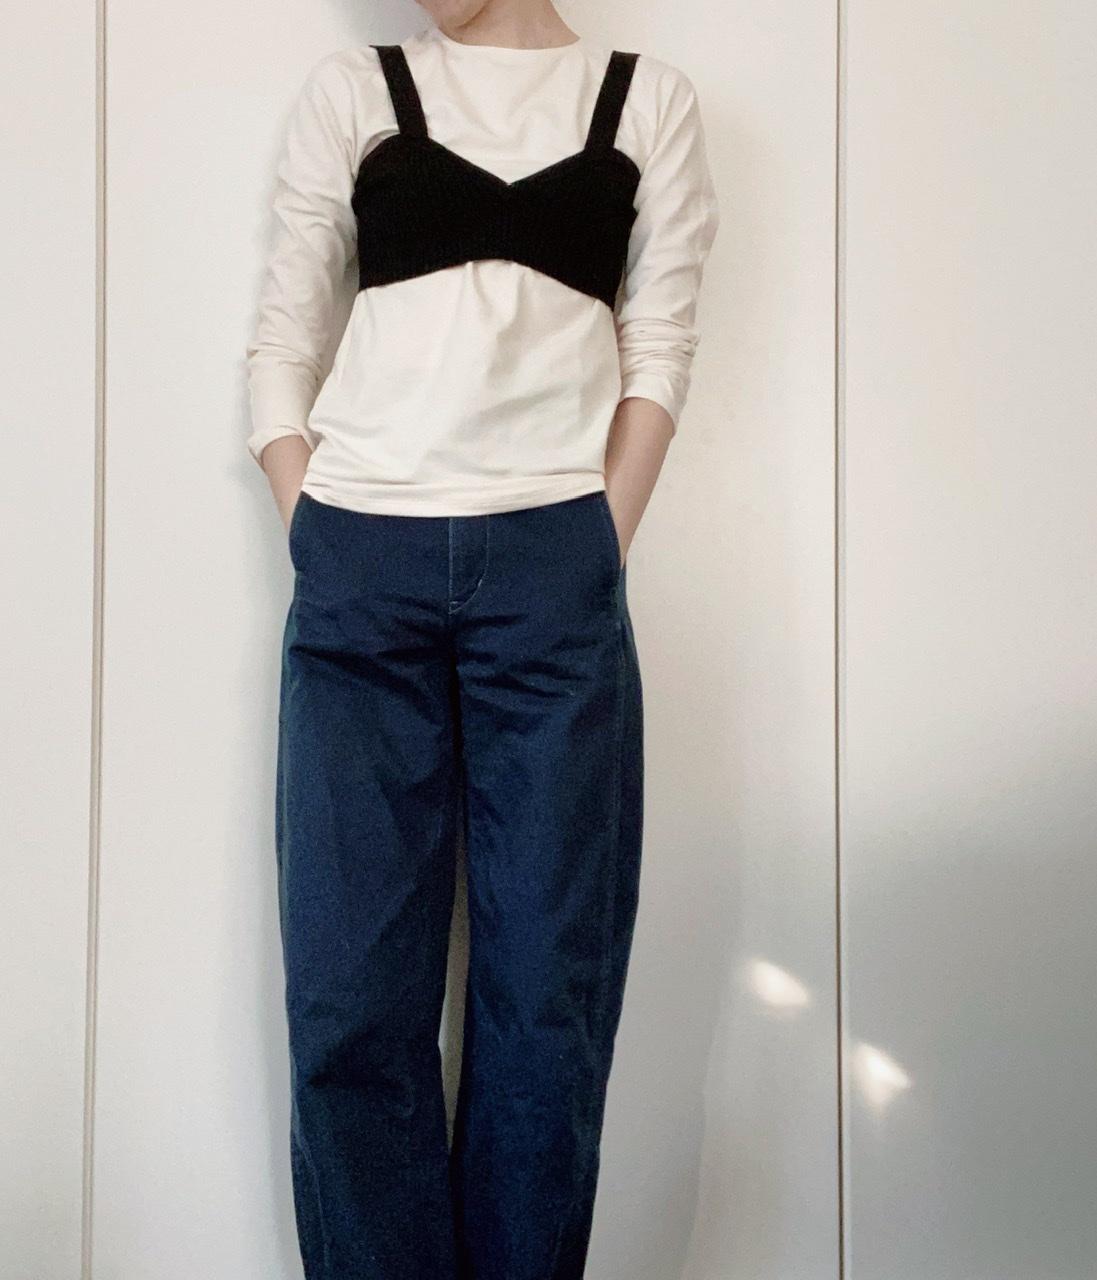 『ユニクロ ユー』ヒートテック発売記念! ライターみかりんがガチ私服で着回し♪ メンズアイテムはどう着こなす?_7